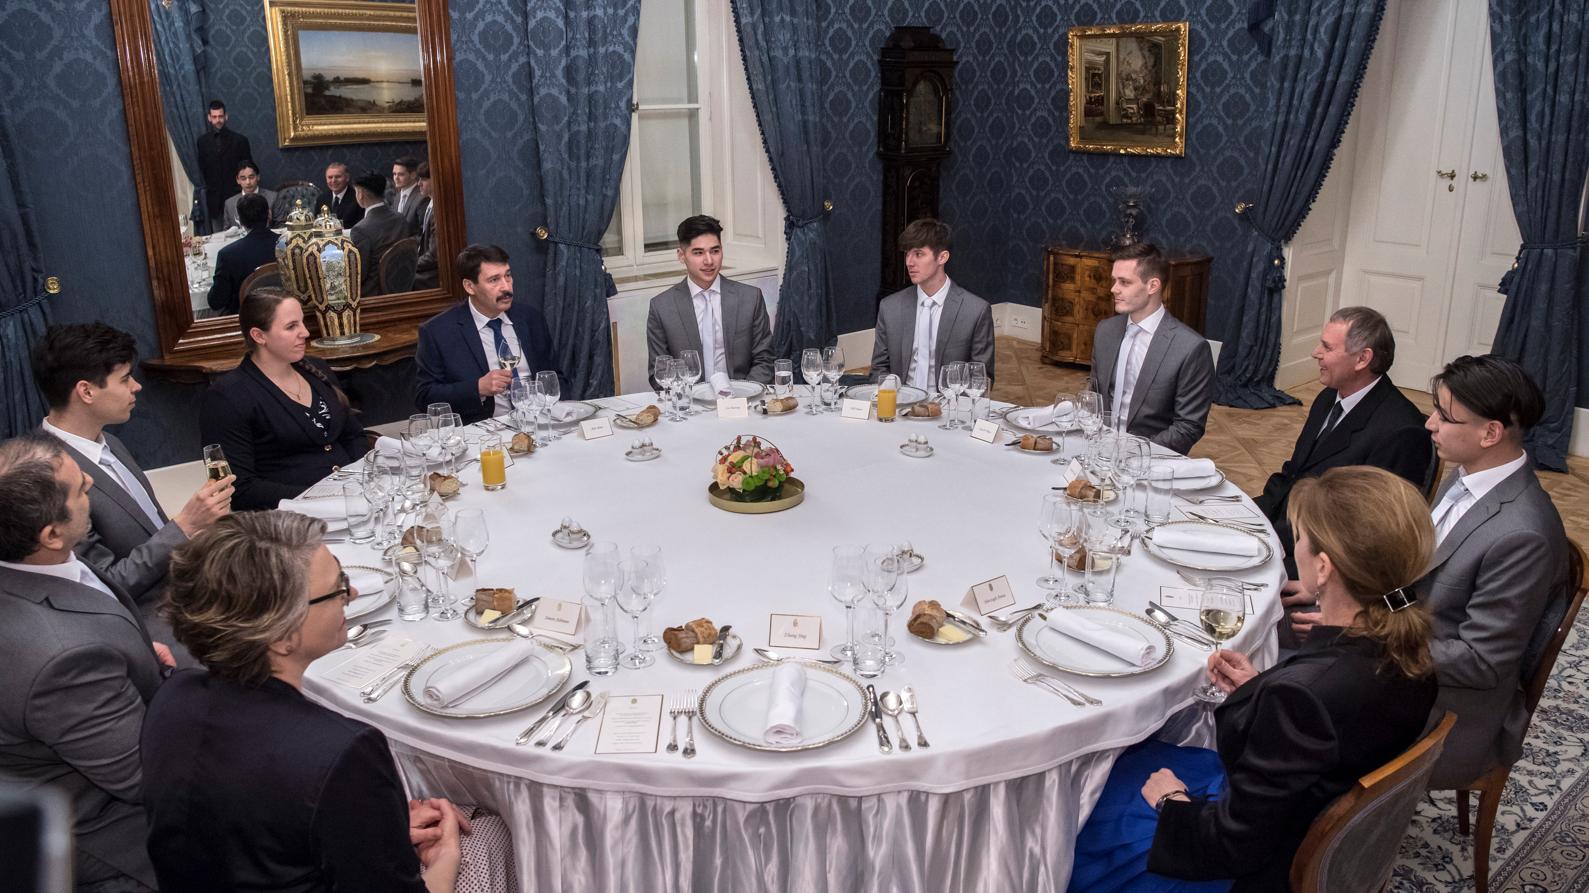 A köztársasági elnök a magyar sport világklasszisaival és edzőikkel / Fotó: MTI